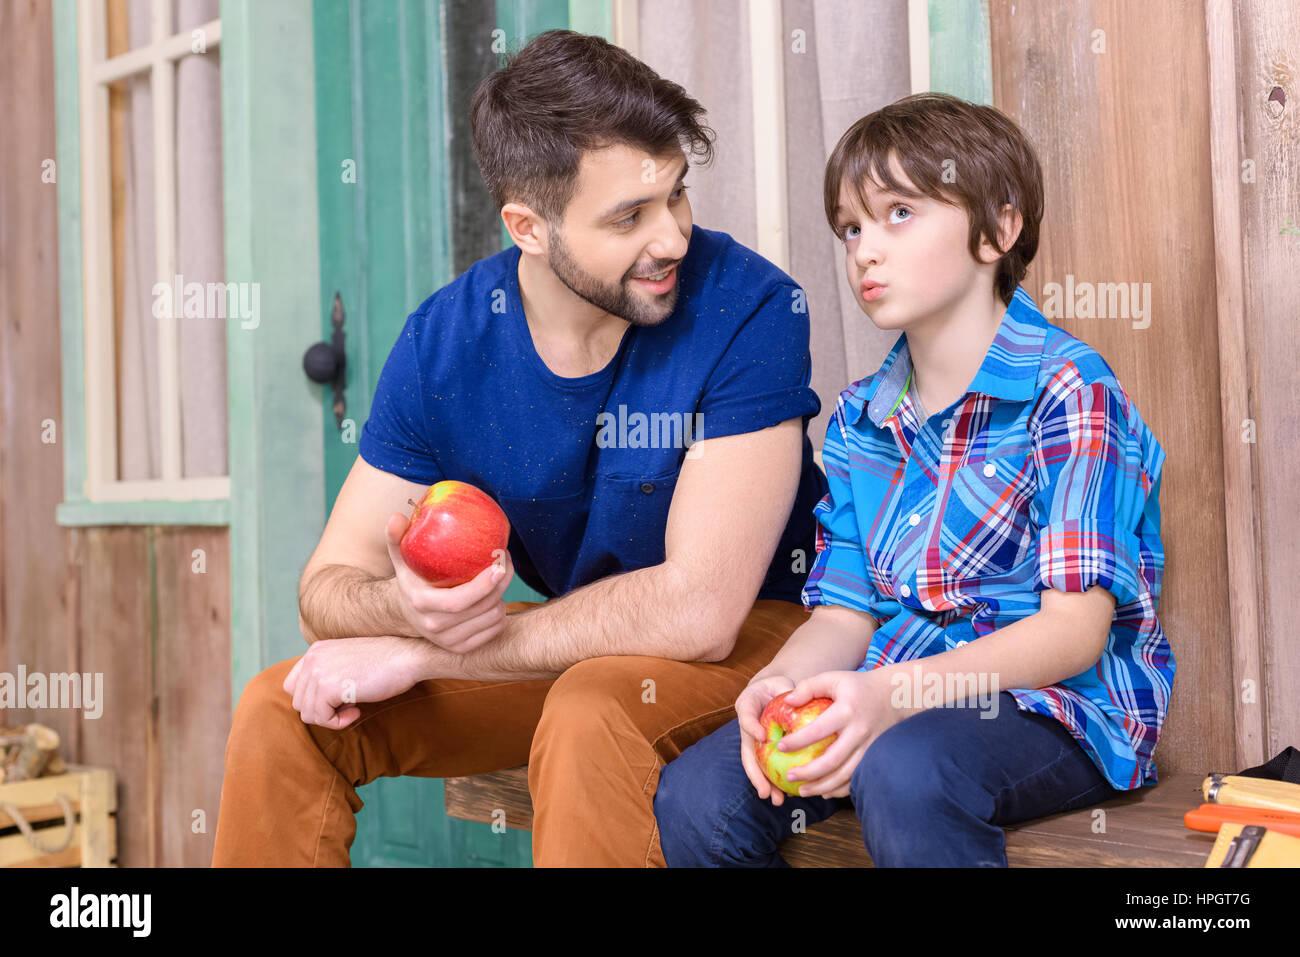 Vater und niedlichen nachdenklich Sohn sitzen auf Holzbank und Verzehr von Äpfeln Stockbild